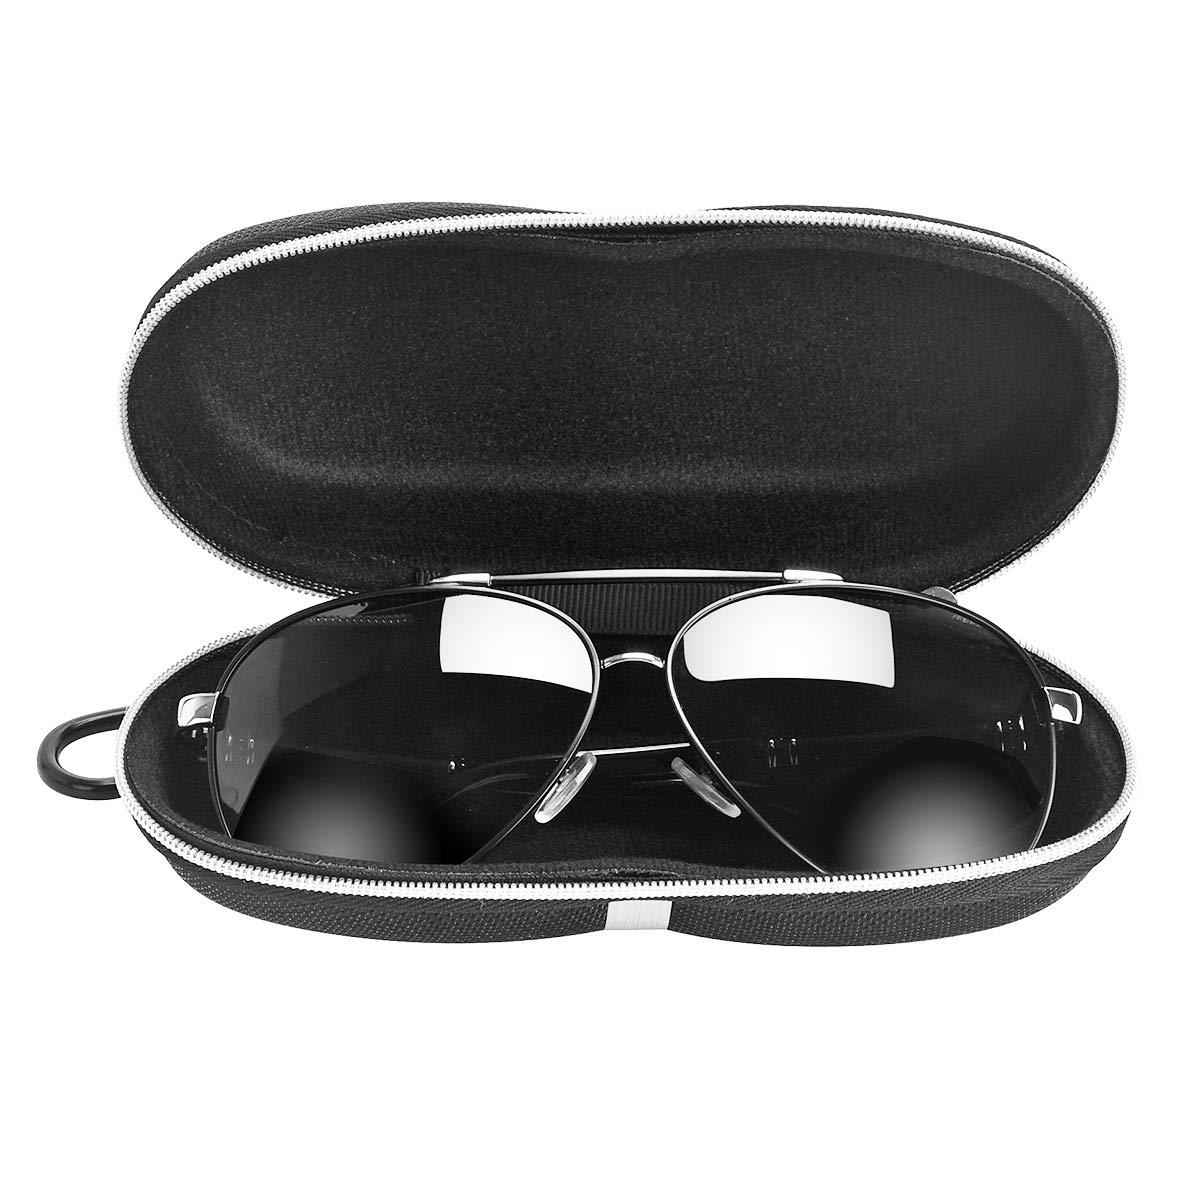 Toycc Custodia per occhiali da sole Occhiali miopia Borsa per occhiali,Panno di cotone,grande capacit/à nero